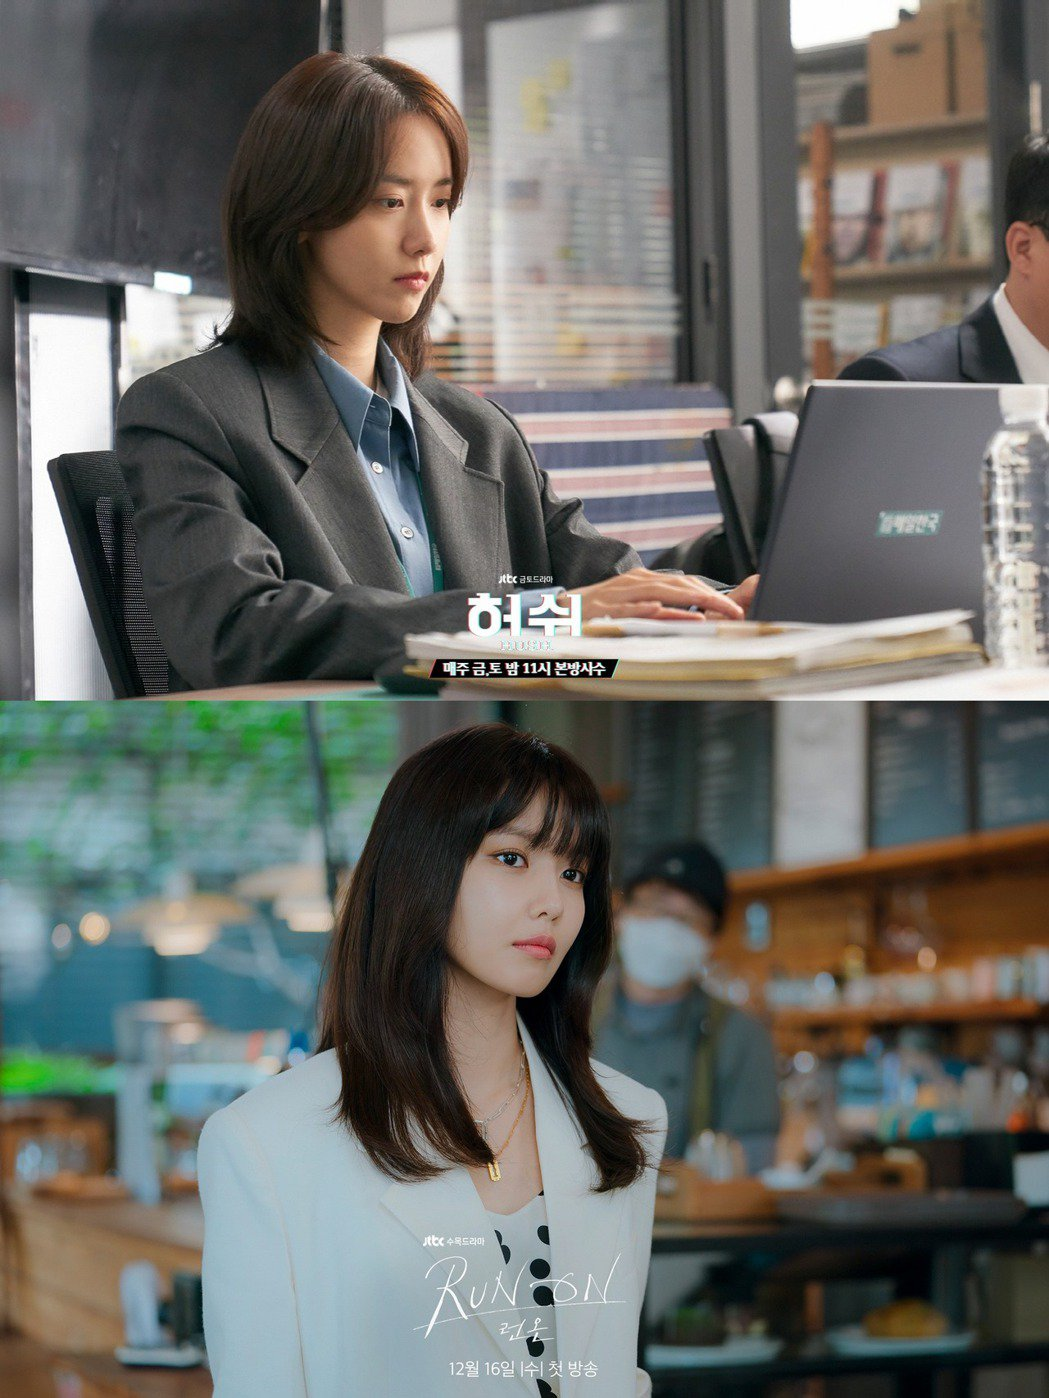 繼徐玄之後,同團成員潤娥與秀英也都將以JTBC的戲劇作品回歸小螢幕。 圖/取自J...